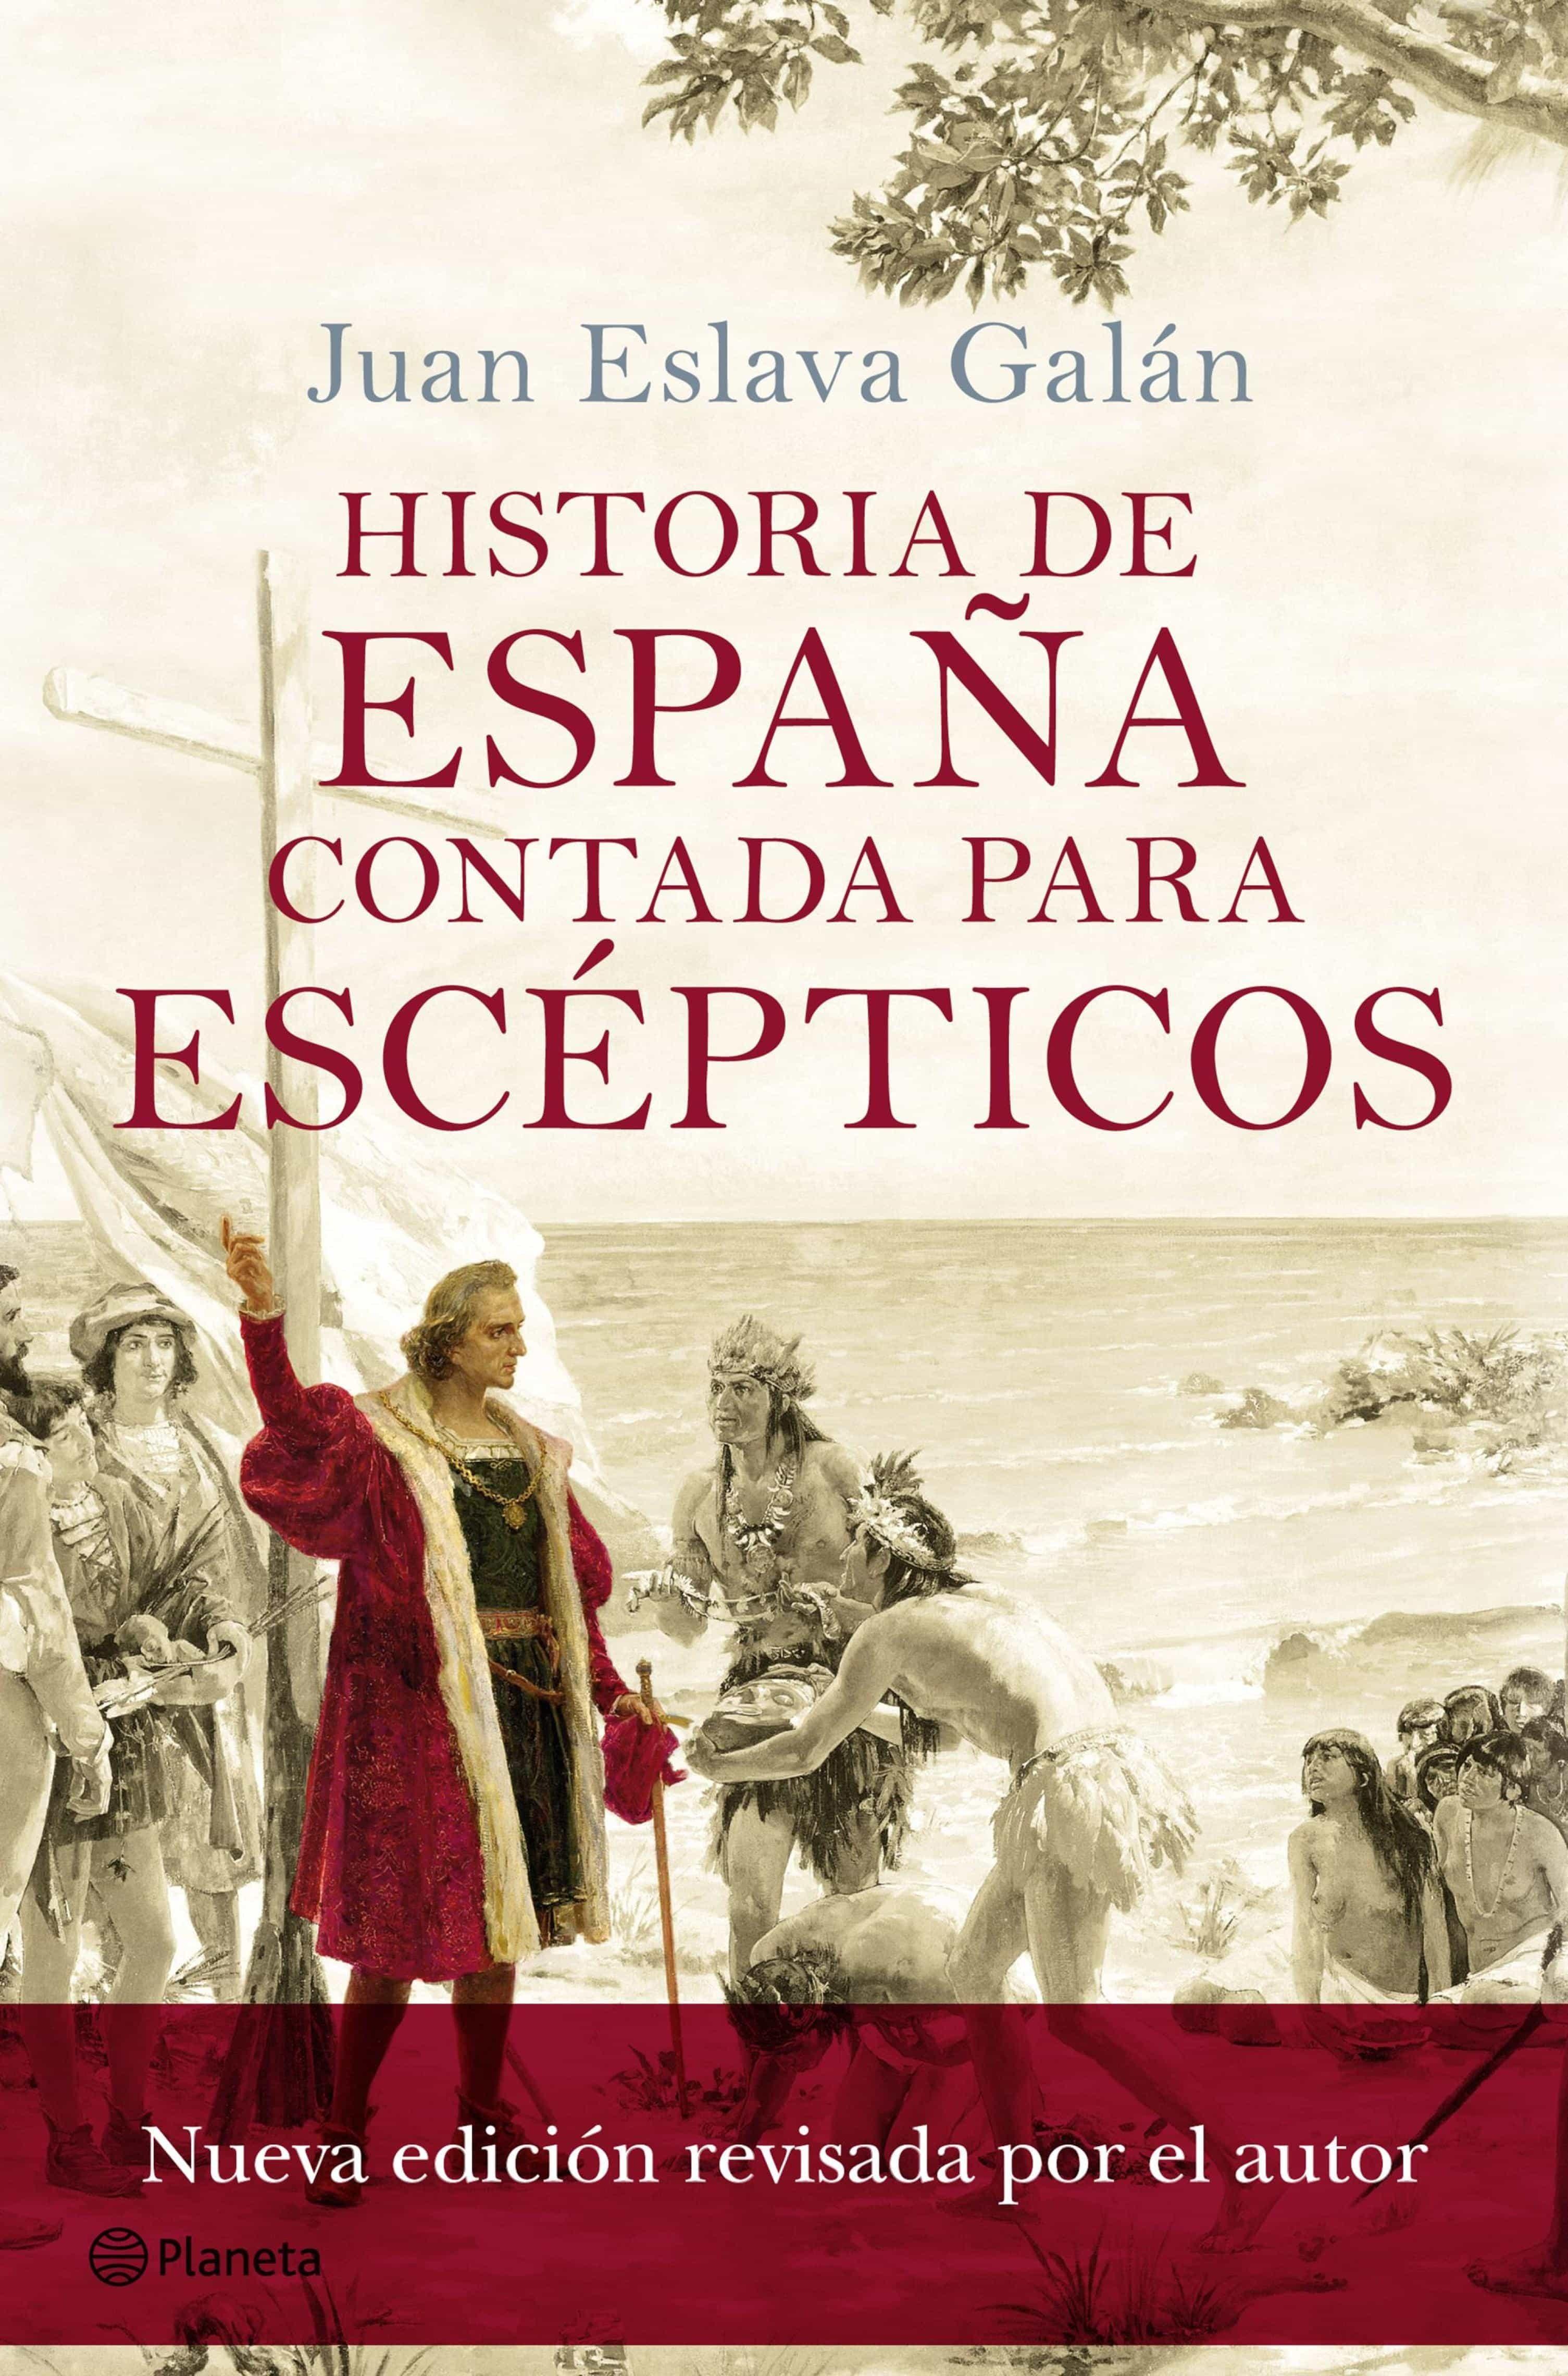 Historia De España Contada Para Escépticos   por Juan Eslava Galan